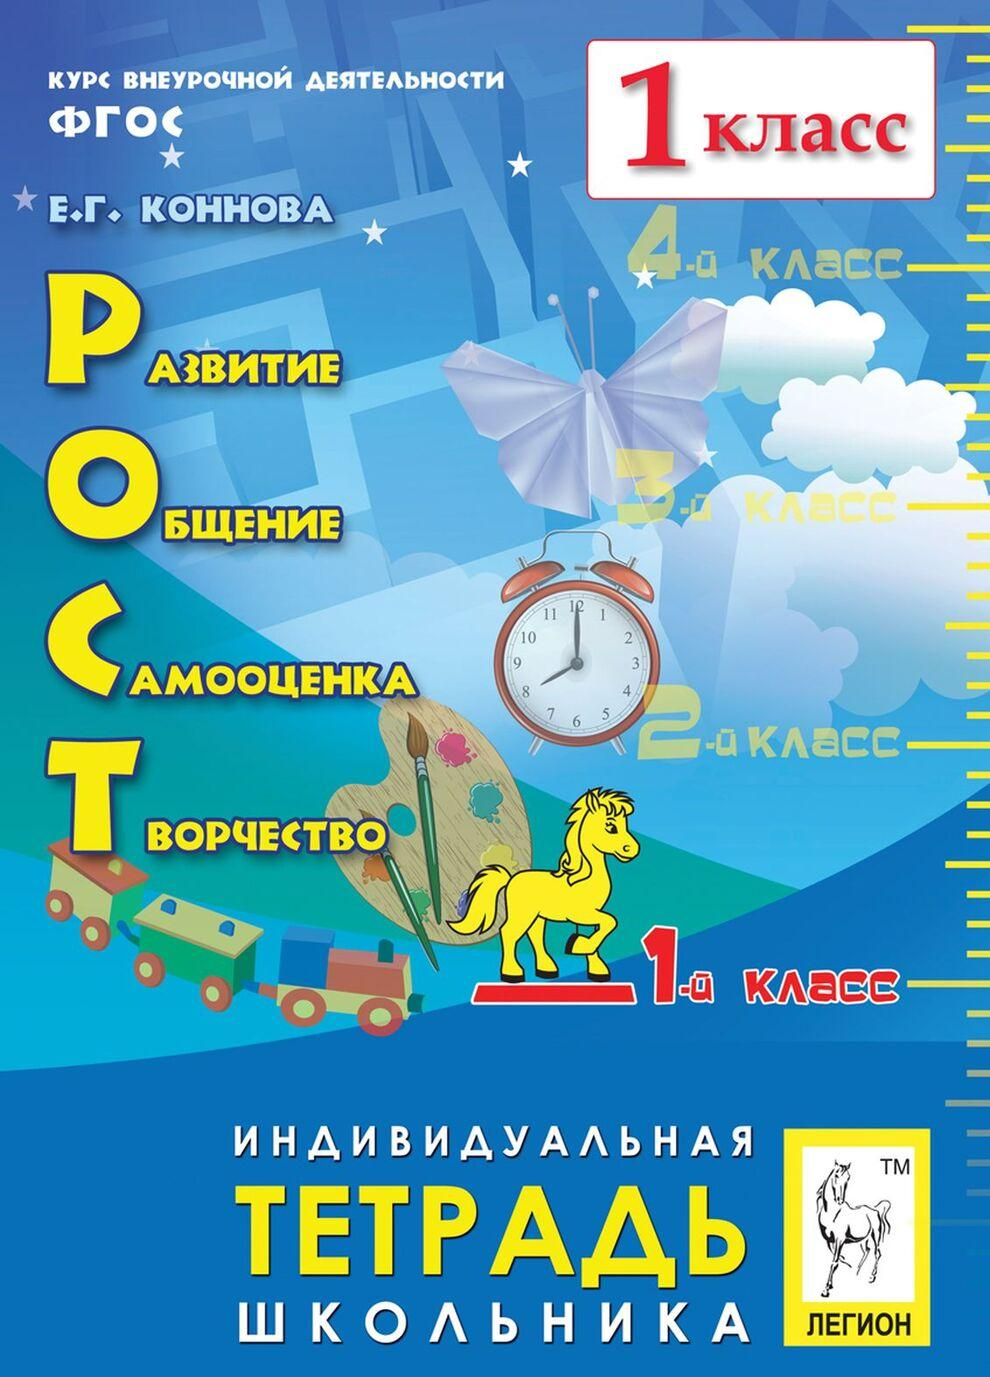 Vneurochnaja dejatelnost. Razvitie, Obschenie, Samootsenka, Tvorchestvo. 1 klass. Tetrad. 5-e izd.